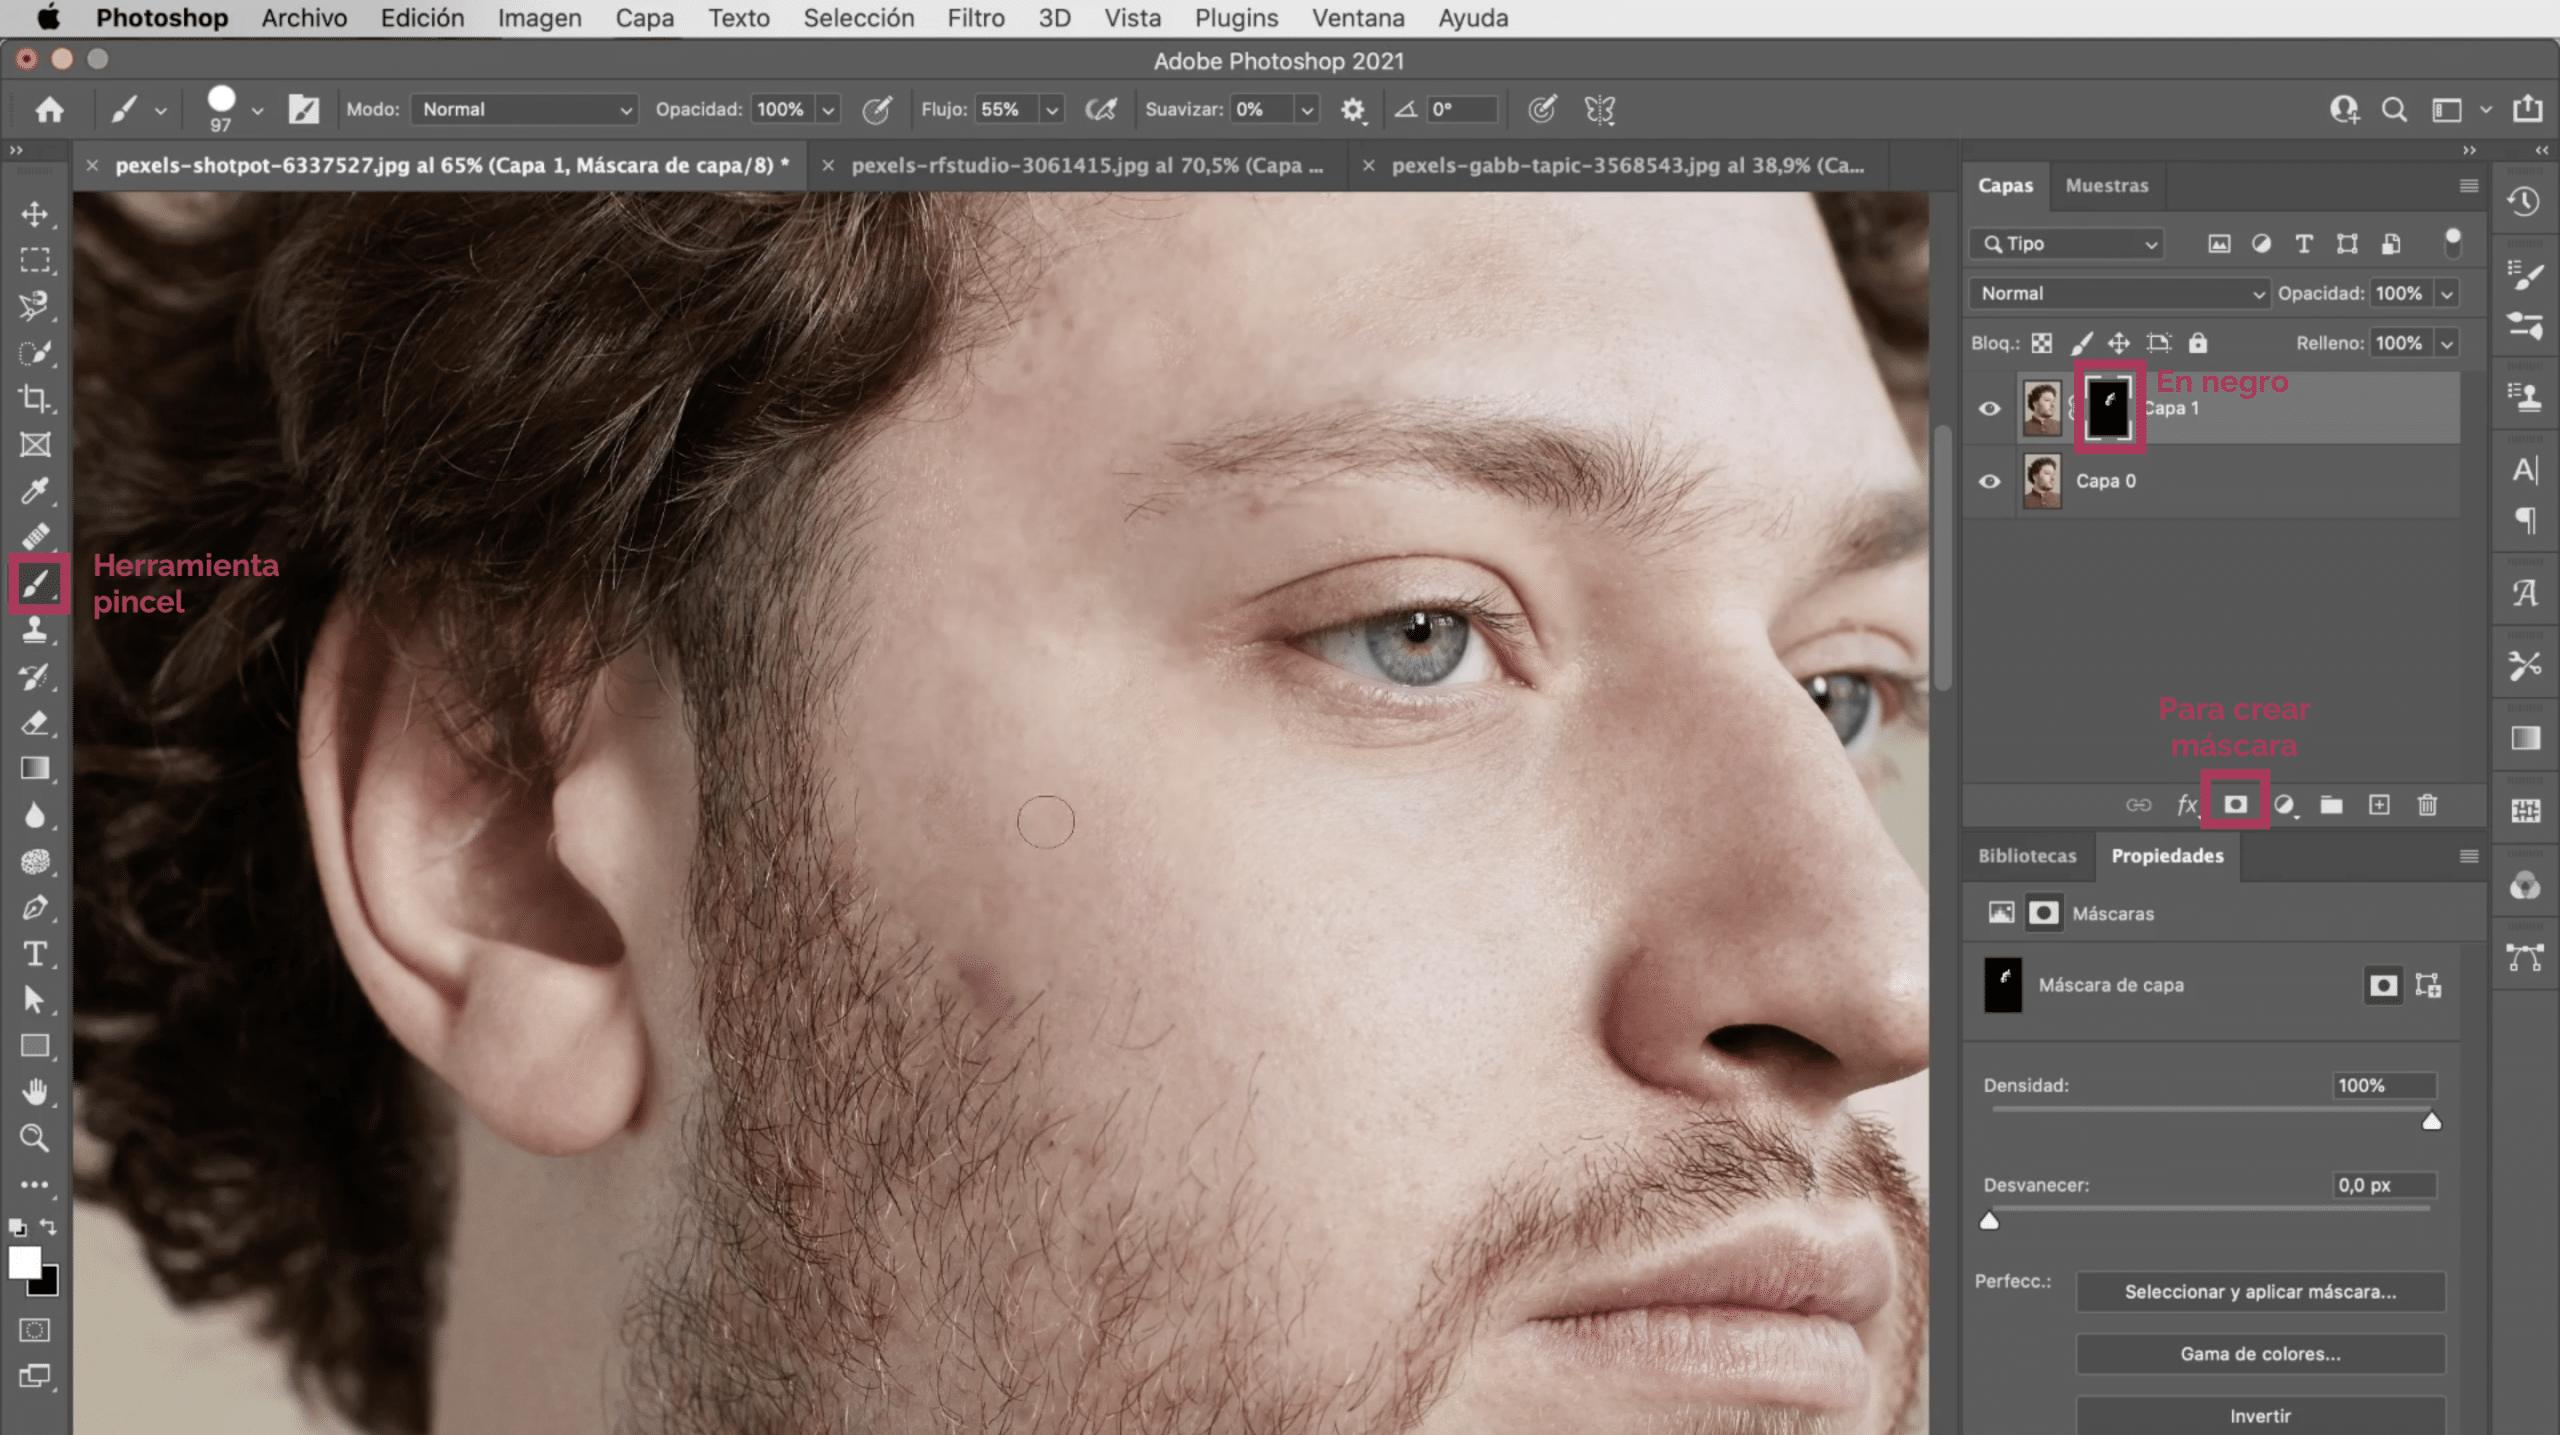 Cómo recuperar los detalles perdidos al suavizar la piel en Photoshop